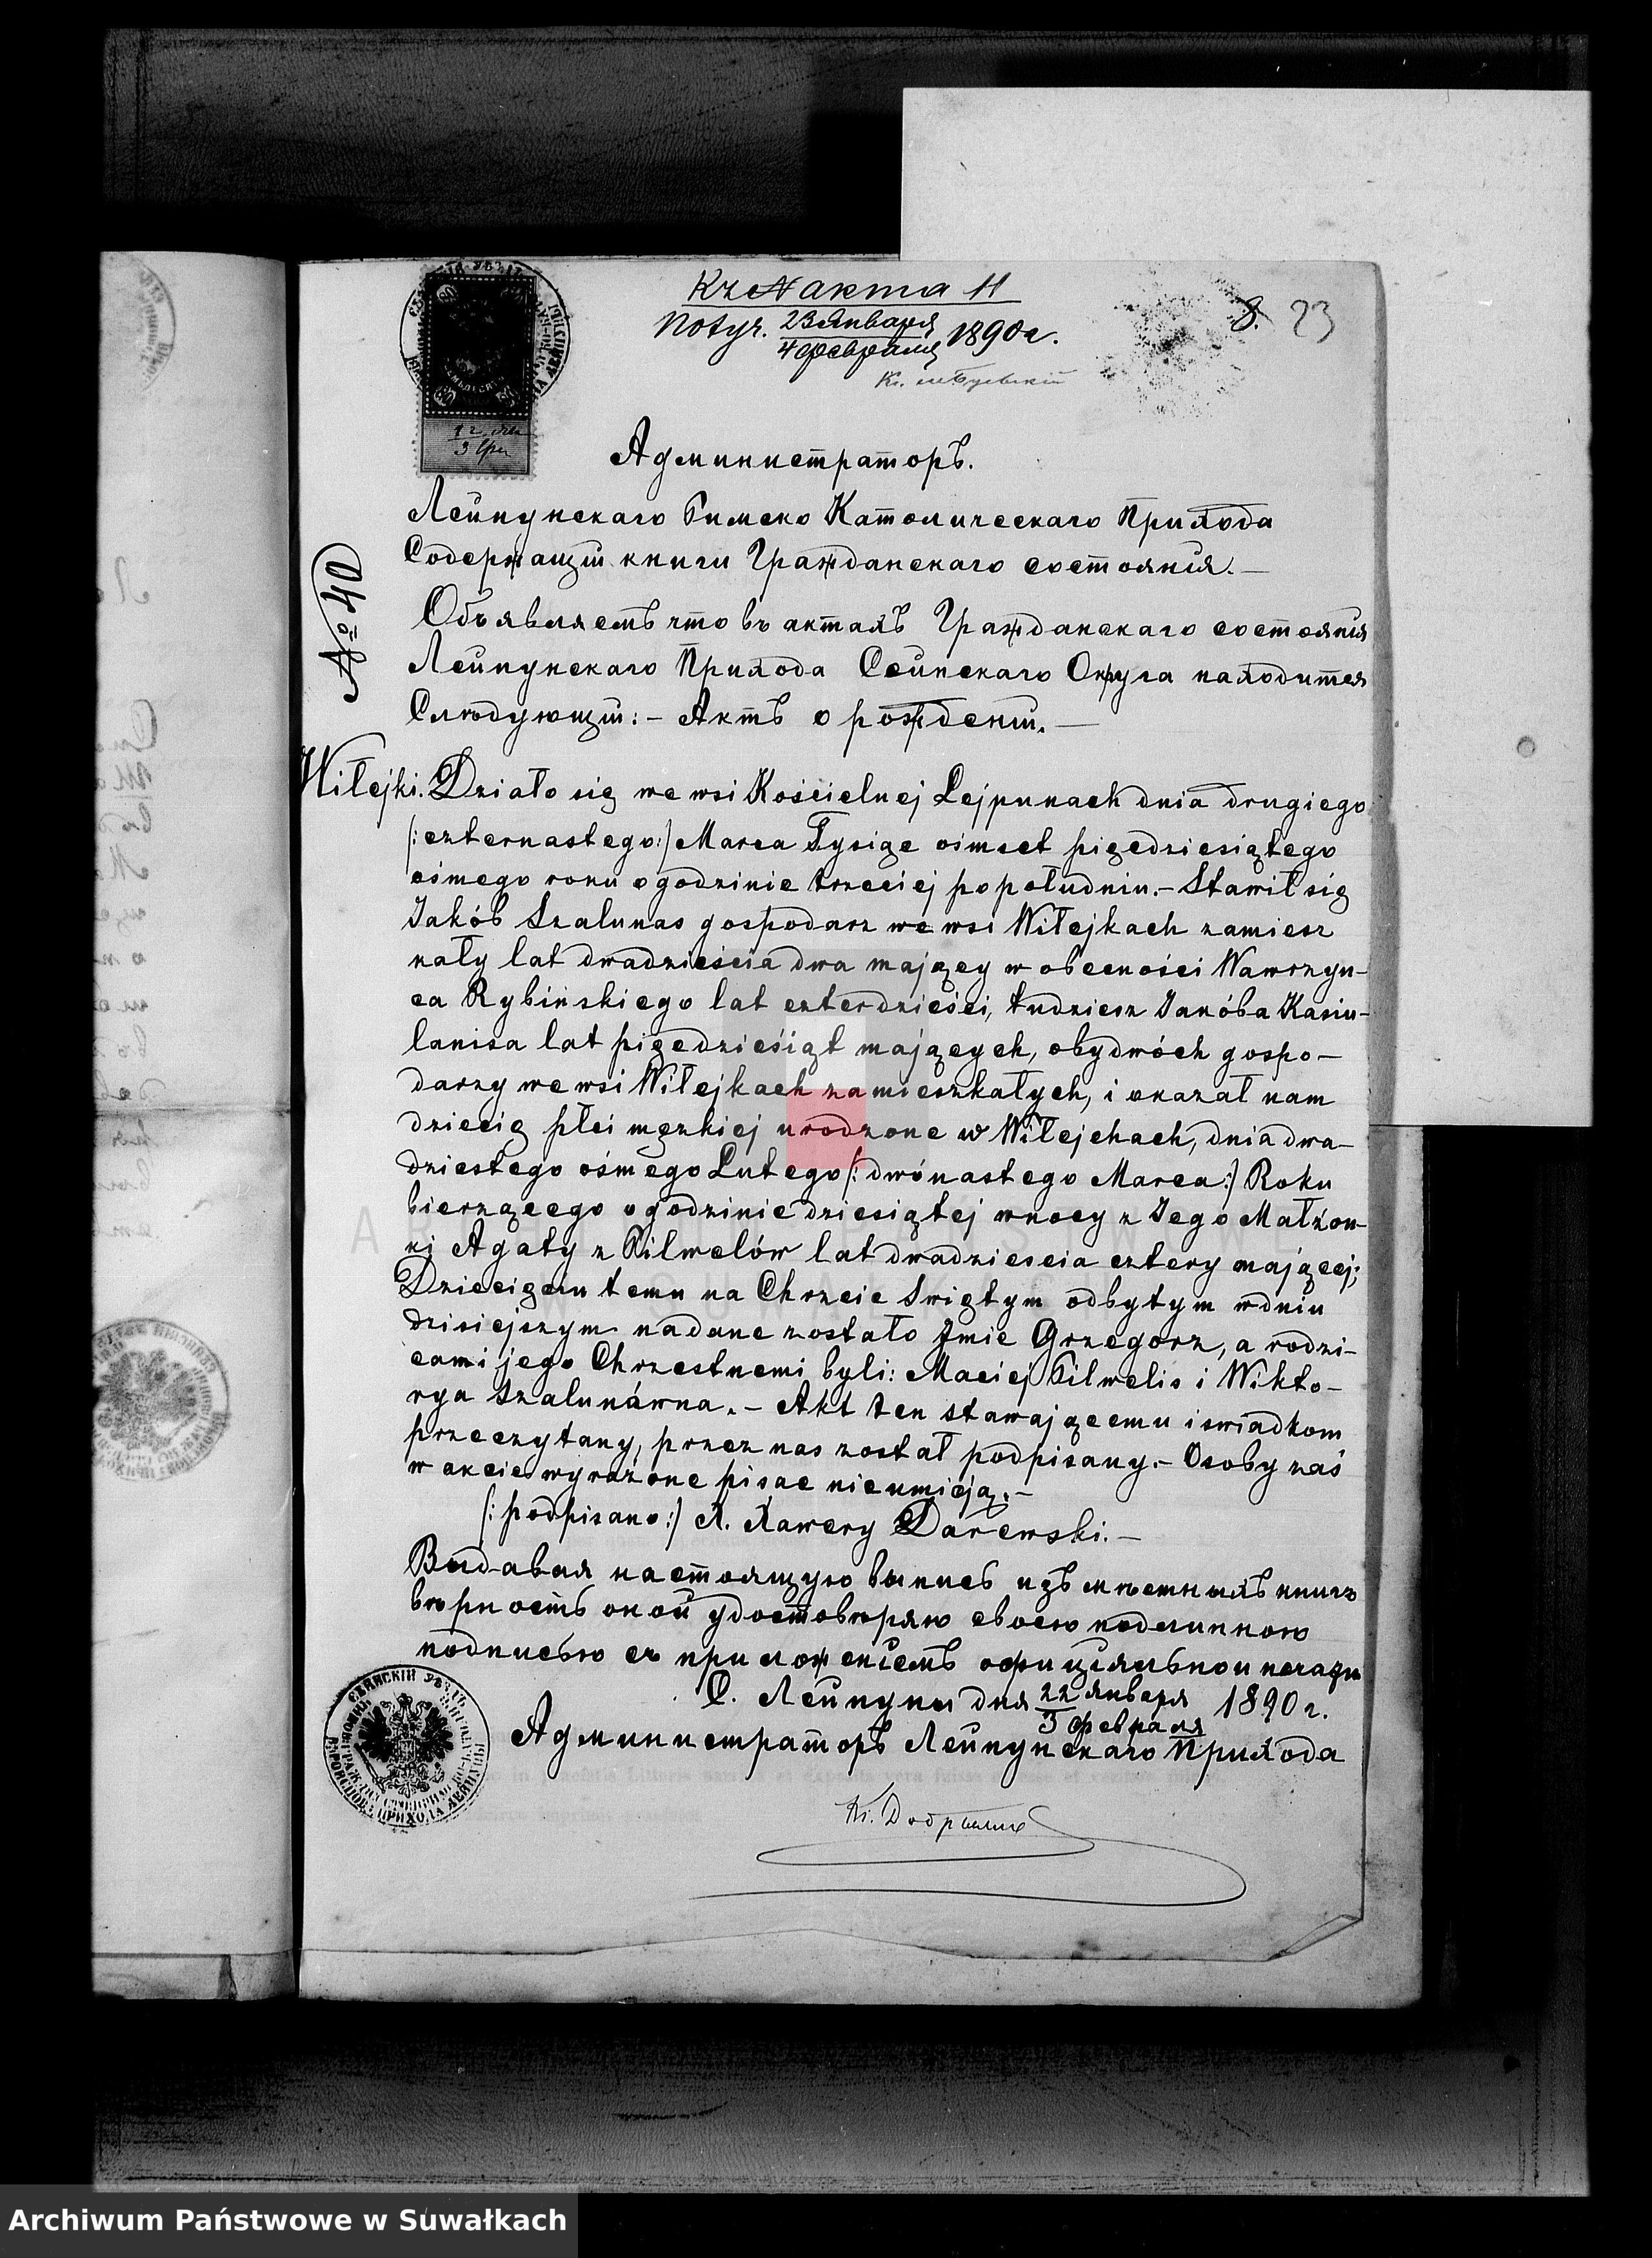 Skan z jednostki: Dokumenty k aktam brakosočetavšichsja Serejskago Rimsko-Katoličeskago prichoda za 1890 god